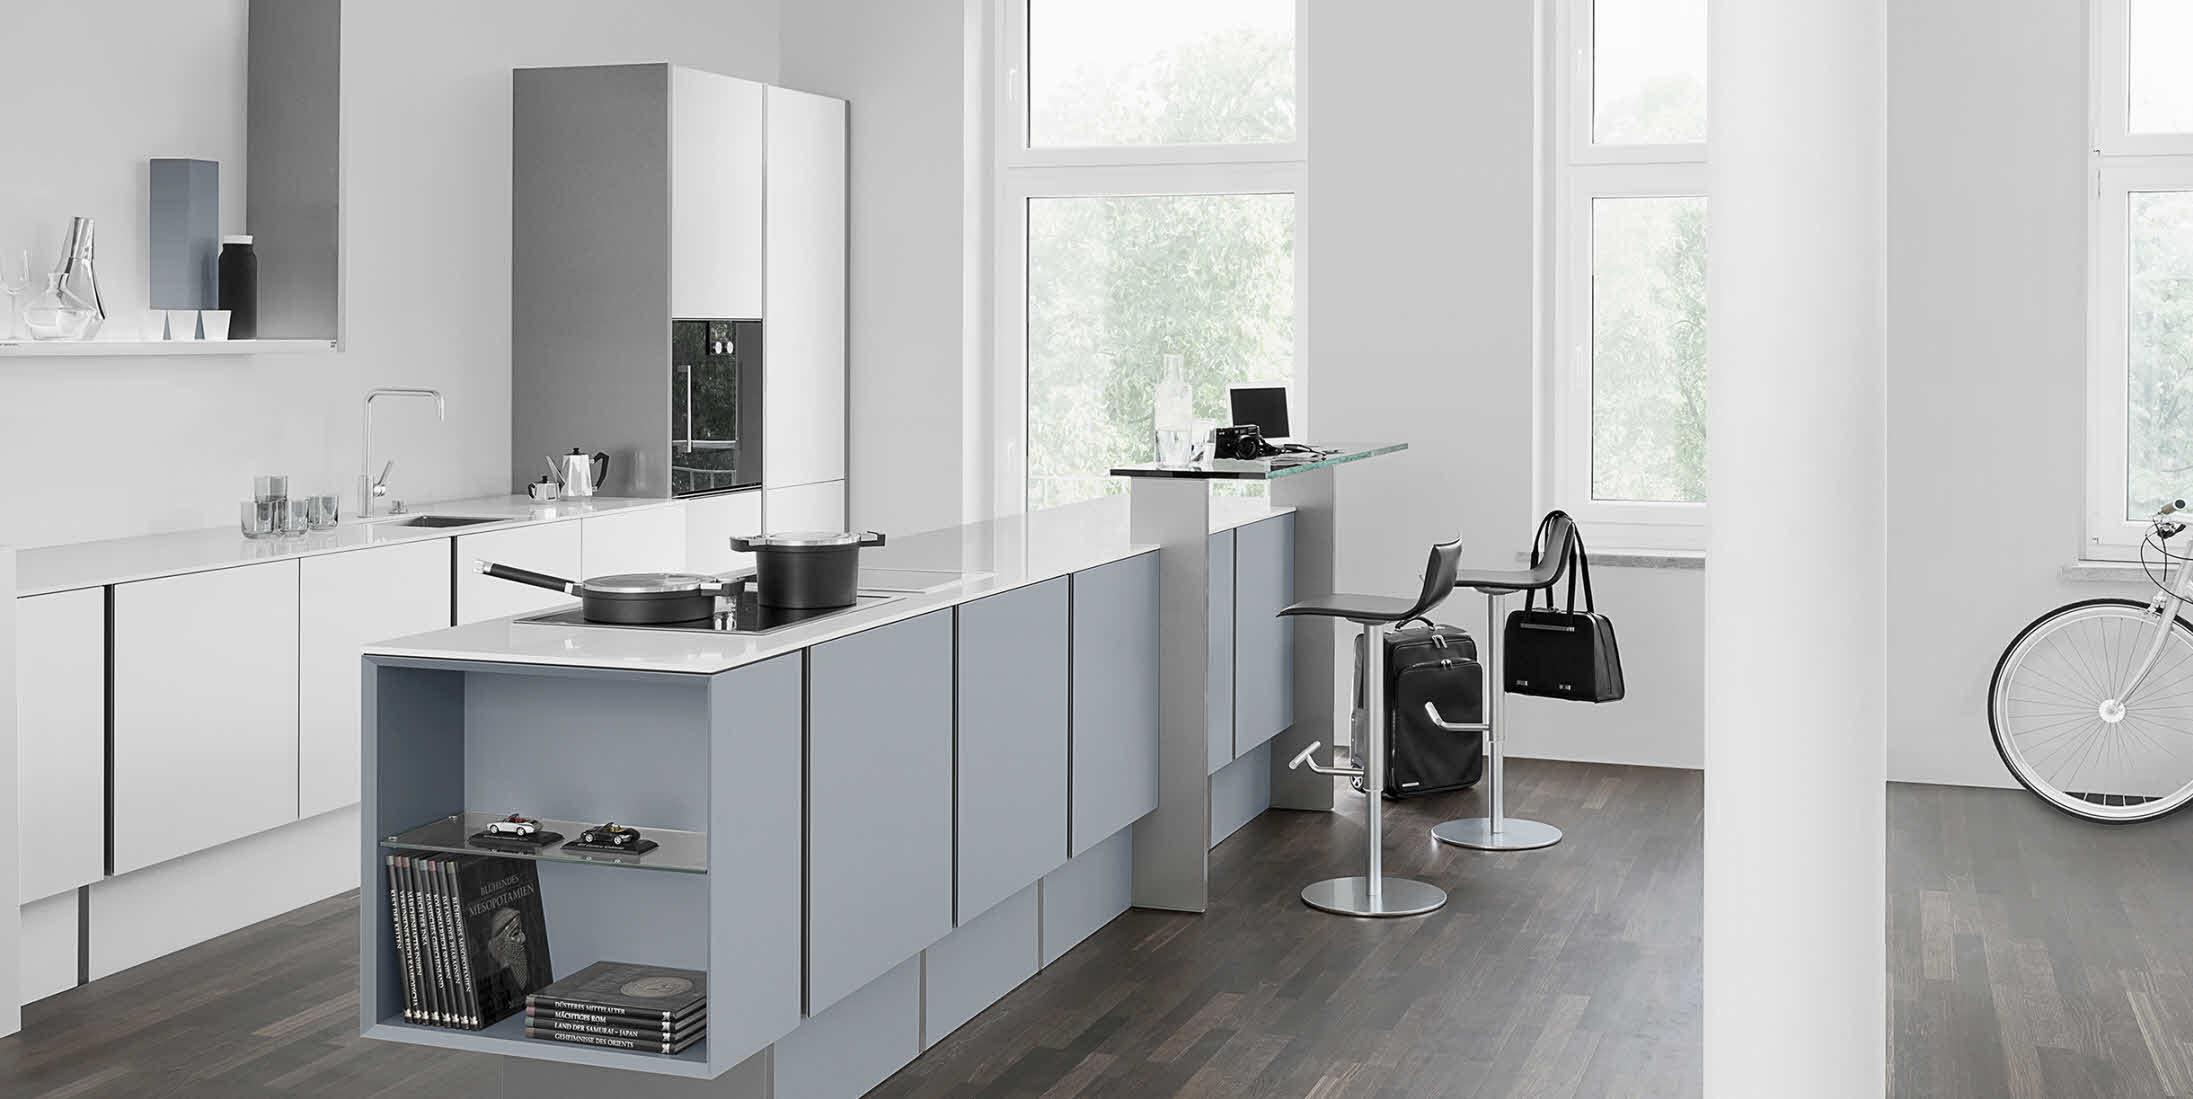 Retro Design Keuken : De nieuwe poggenpohl keuken p` design by porsche uw keuken